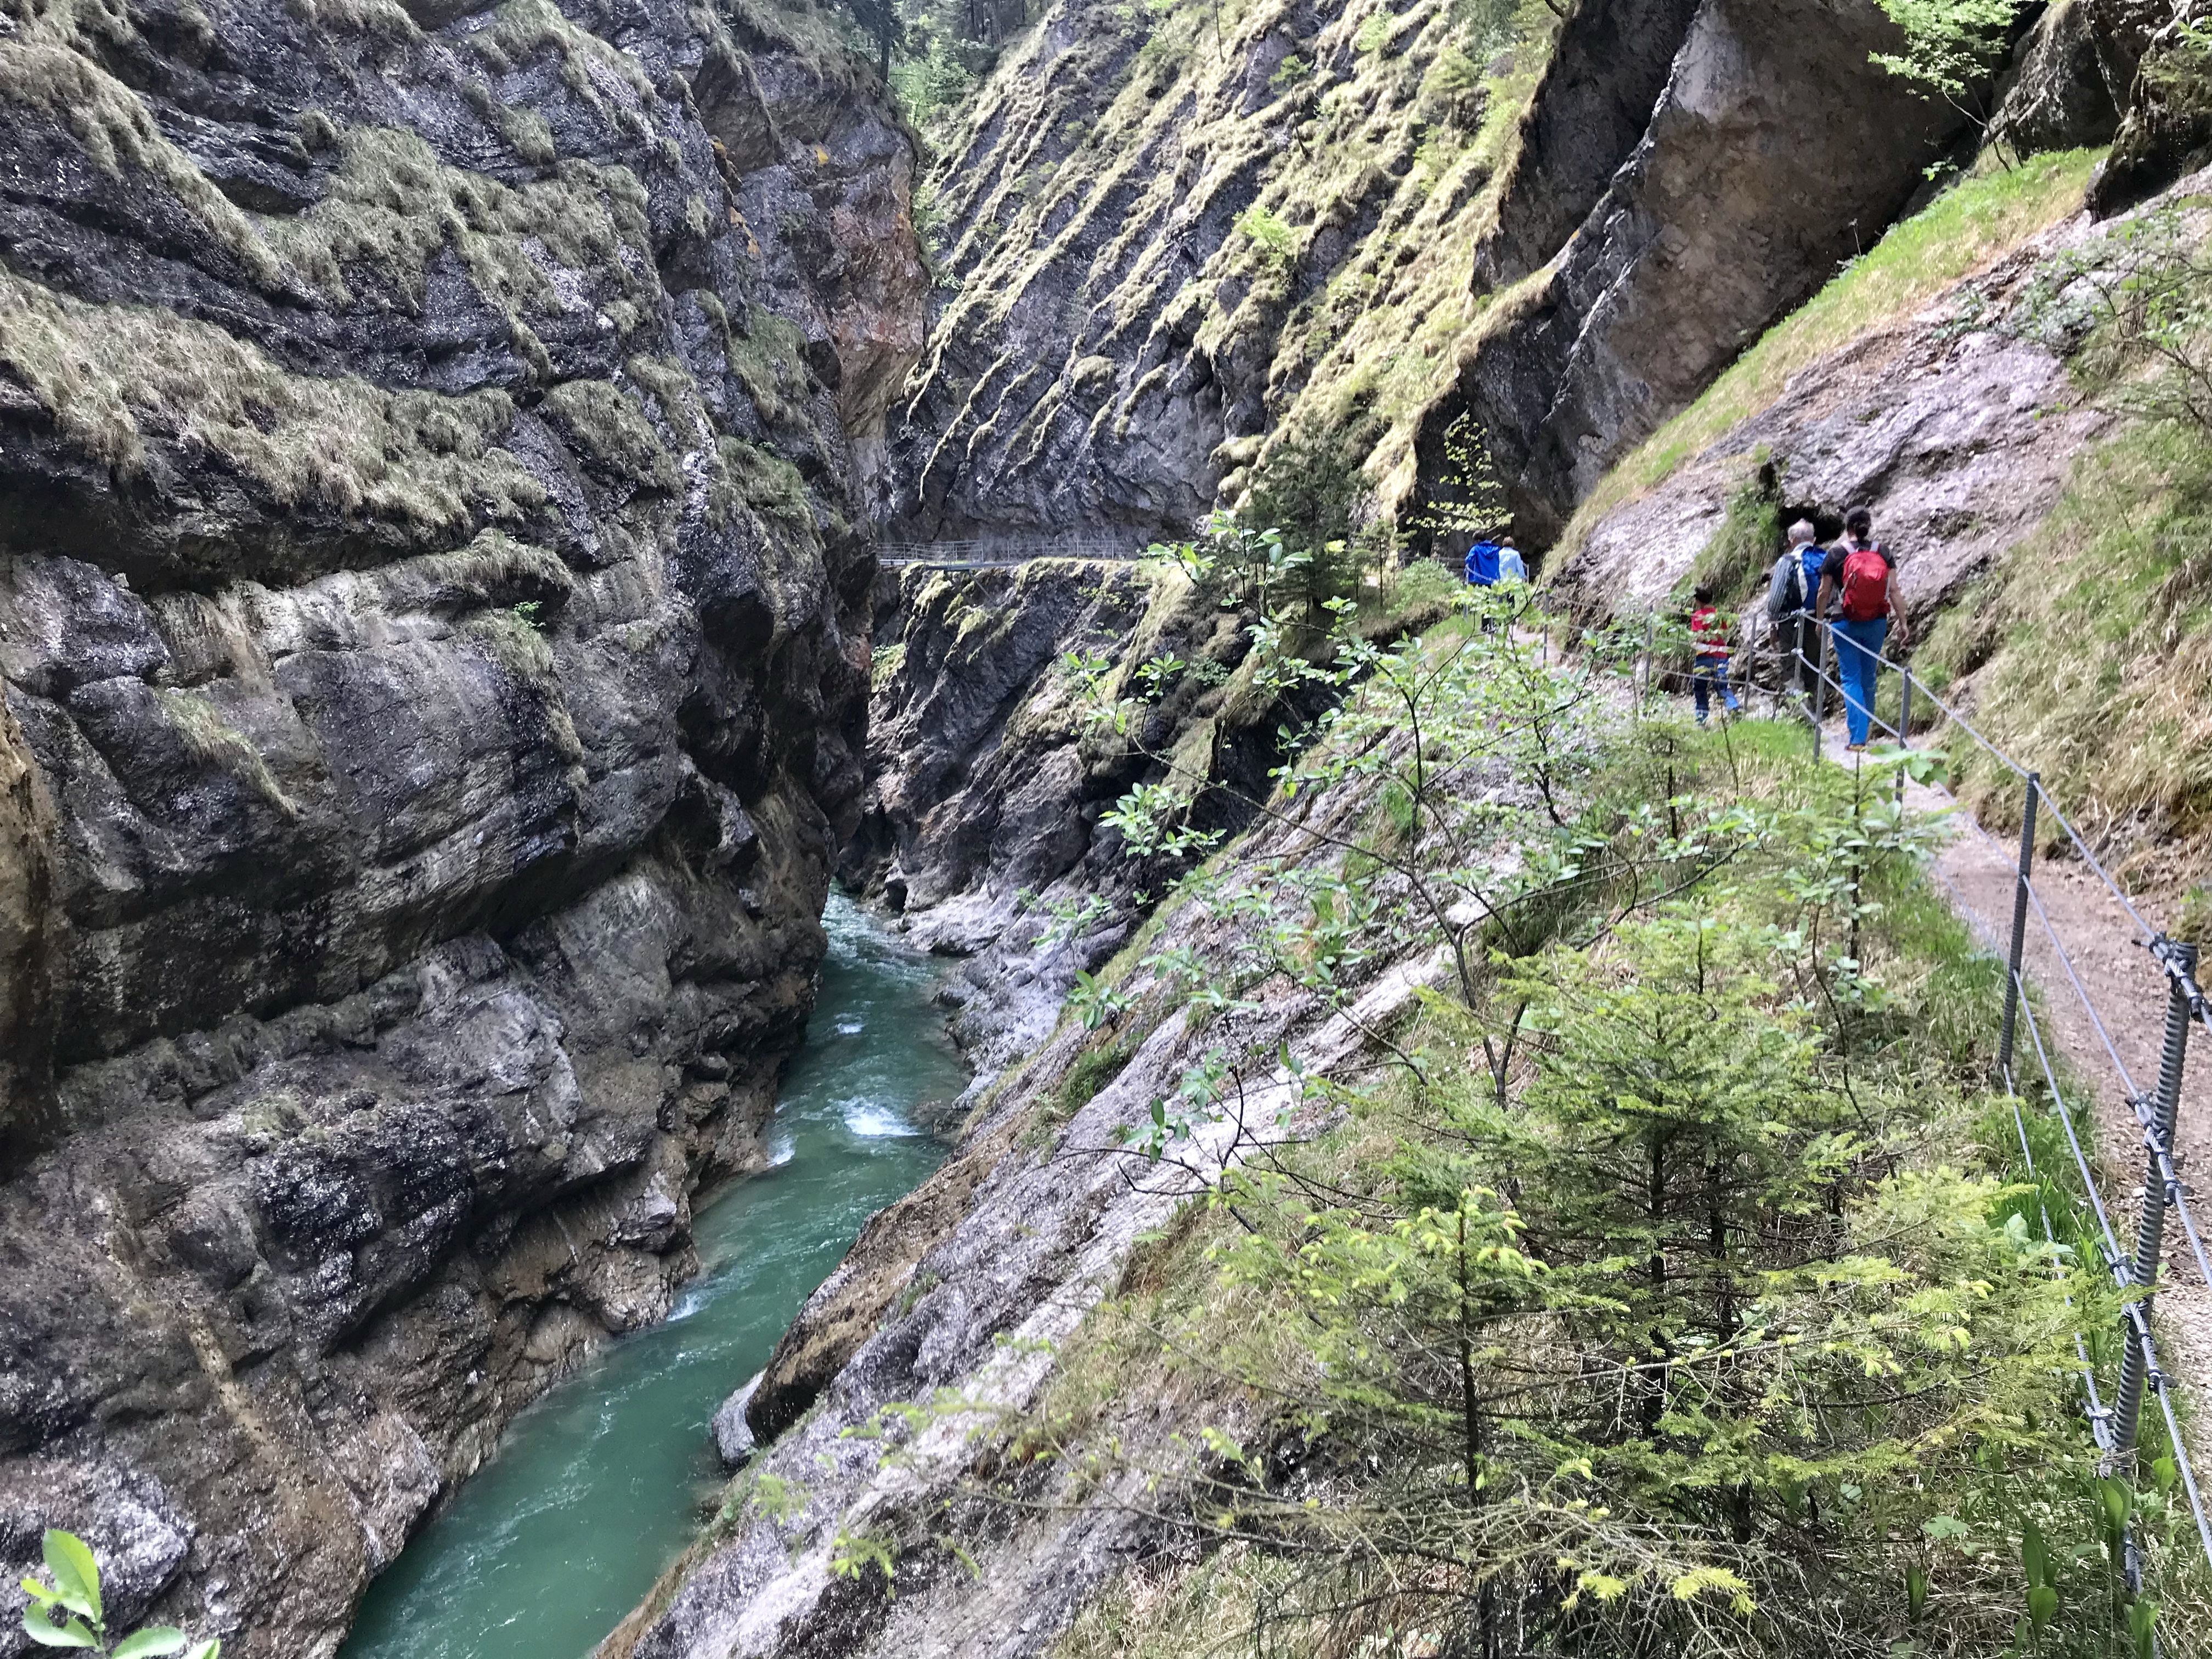 Nach der Tiefenbachklamm Anfahrt erwartet dich diese tolle Natur beim Wandern